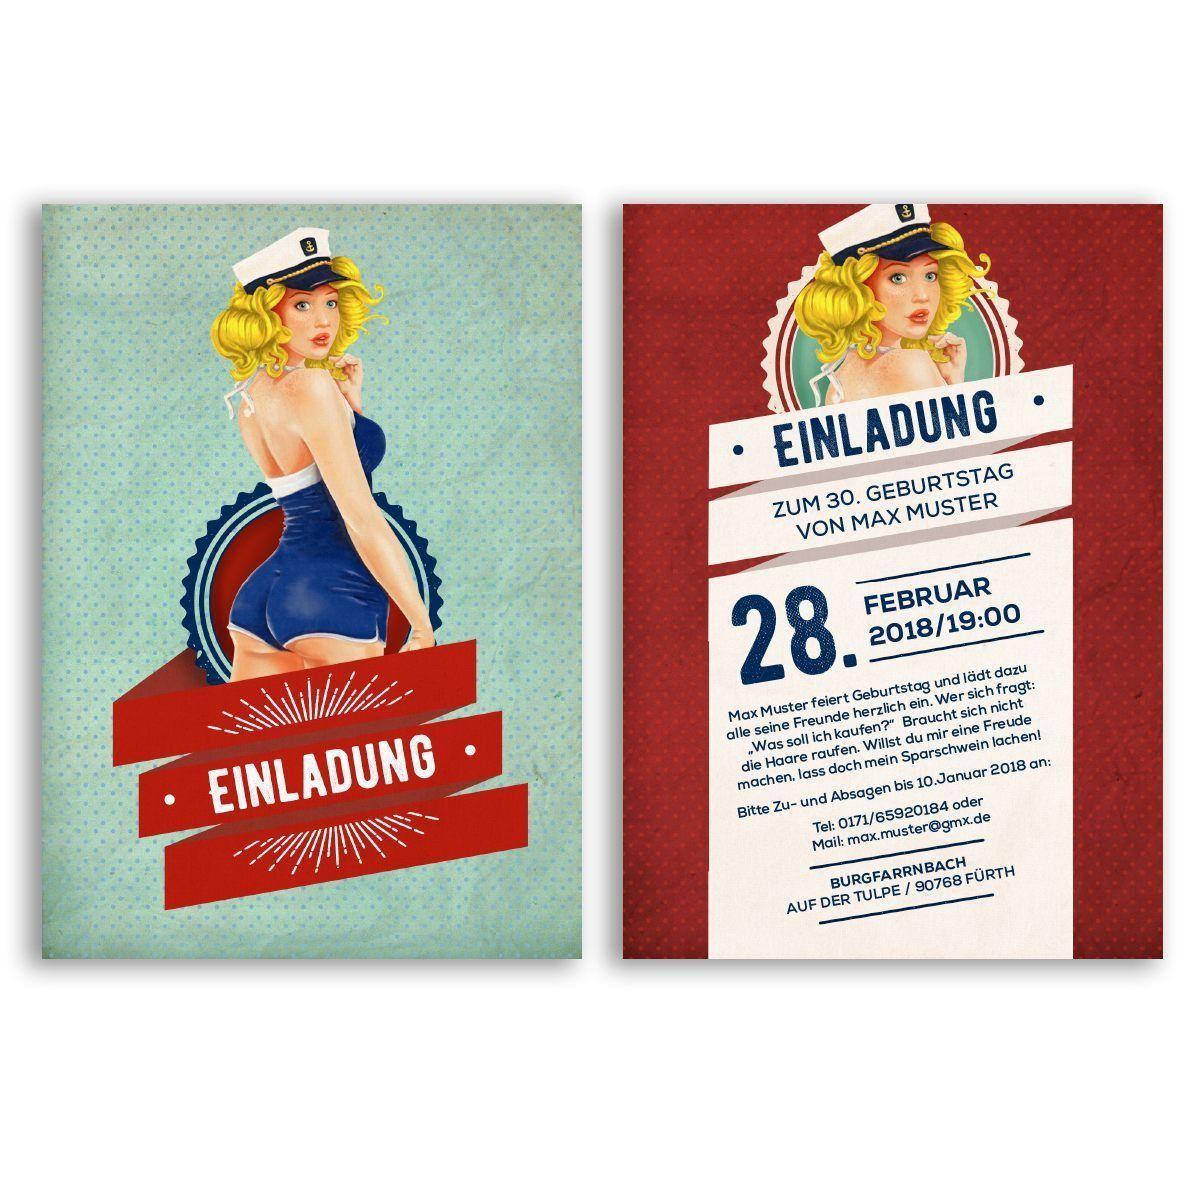 Einladungskarten Geburtstag Einladung Geburtstag Einladung Zum